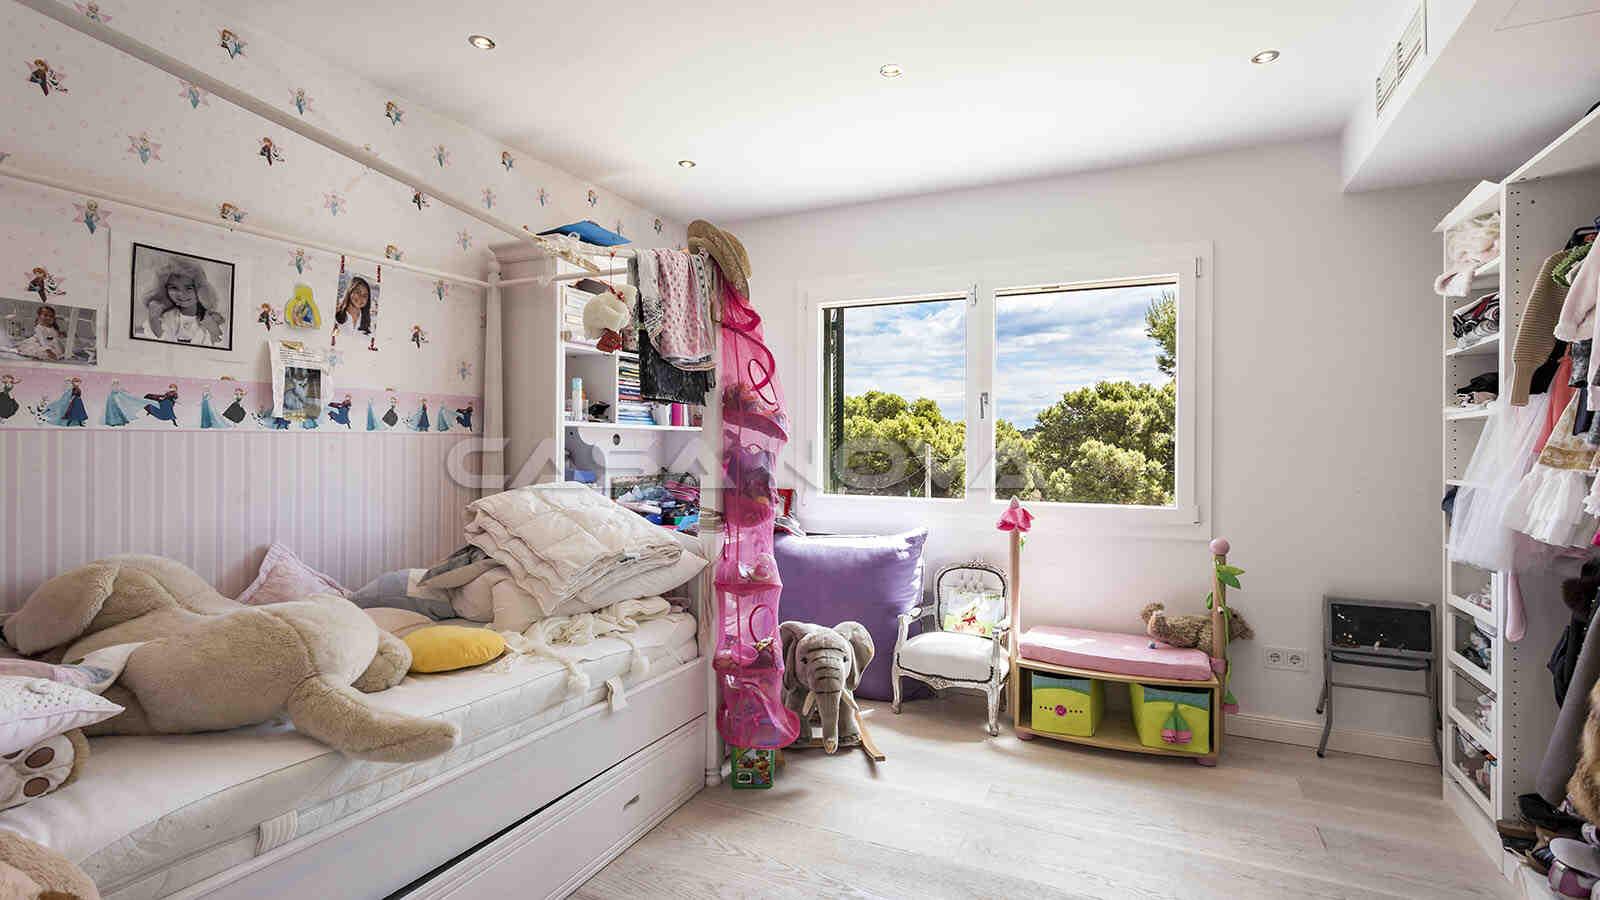 Geräumiges Kinderzimmer mit viel Spielraum